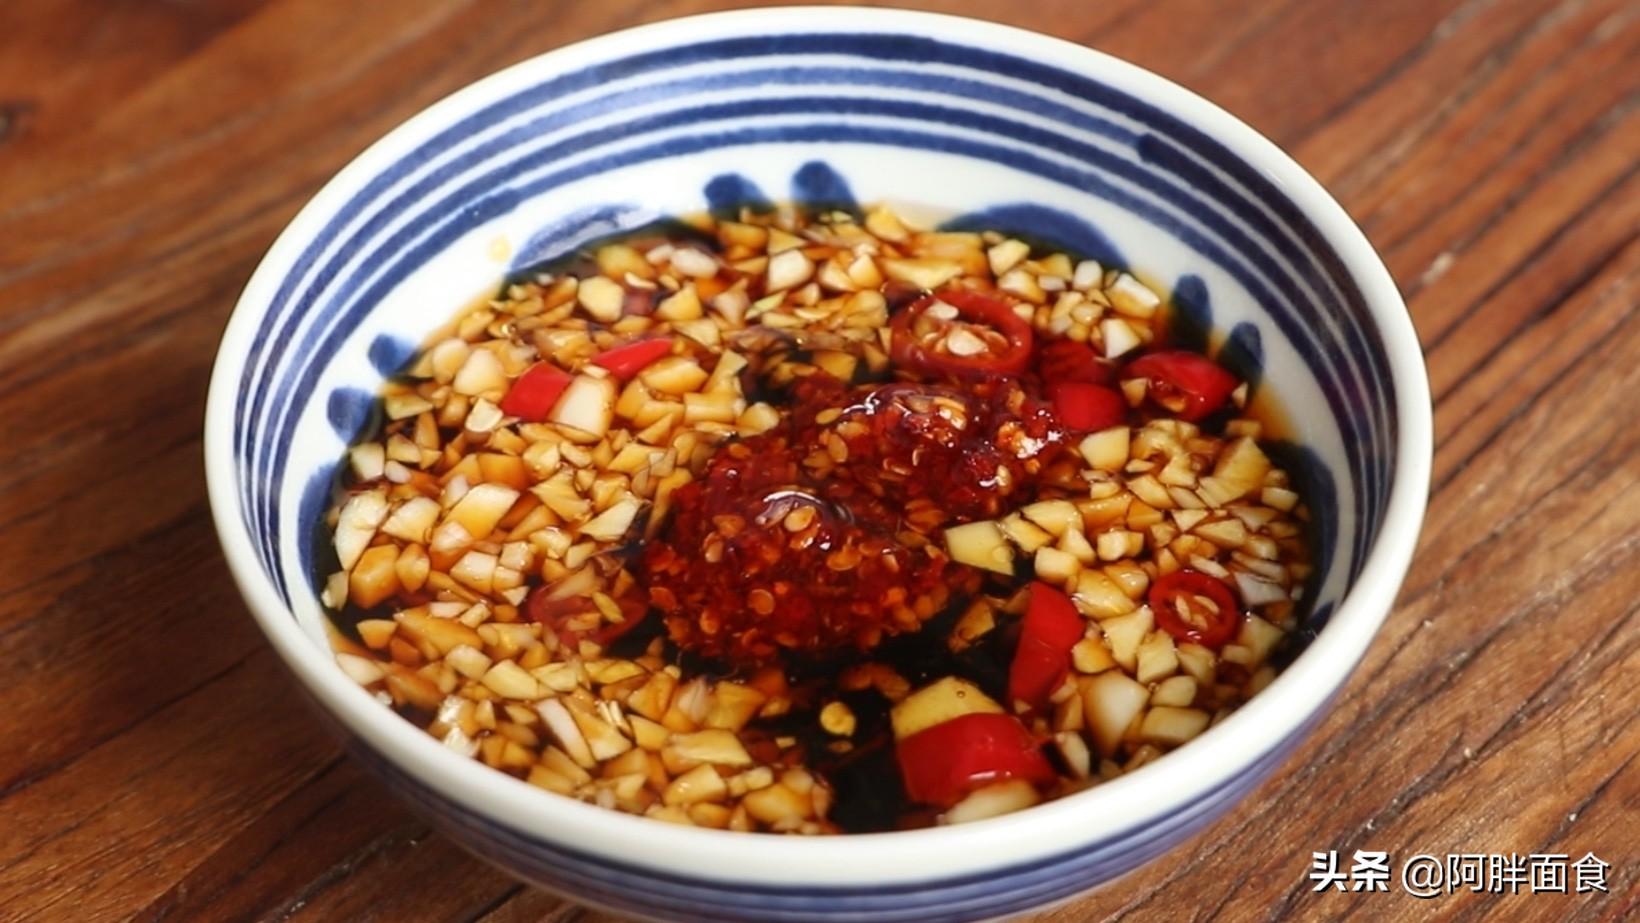 我家88歲爺爺愛這樣吃豆芽,做法簡單又營養,柔軟還好吃